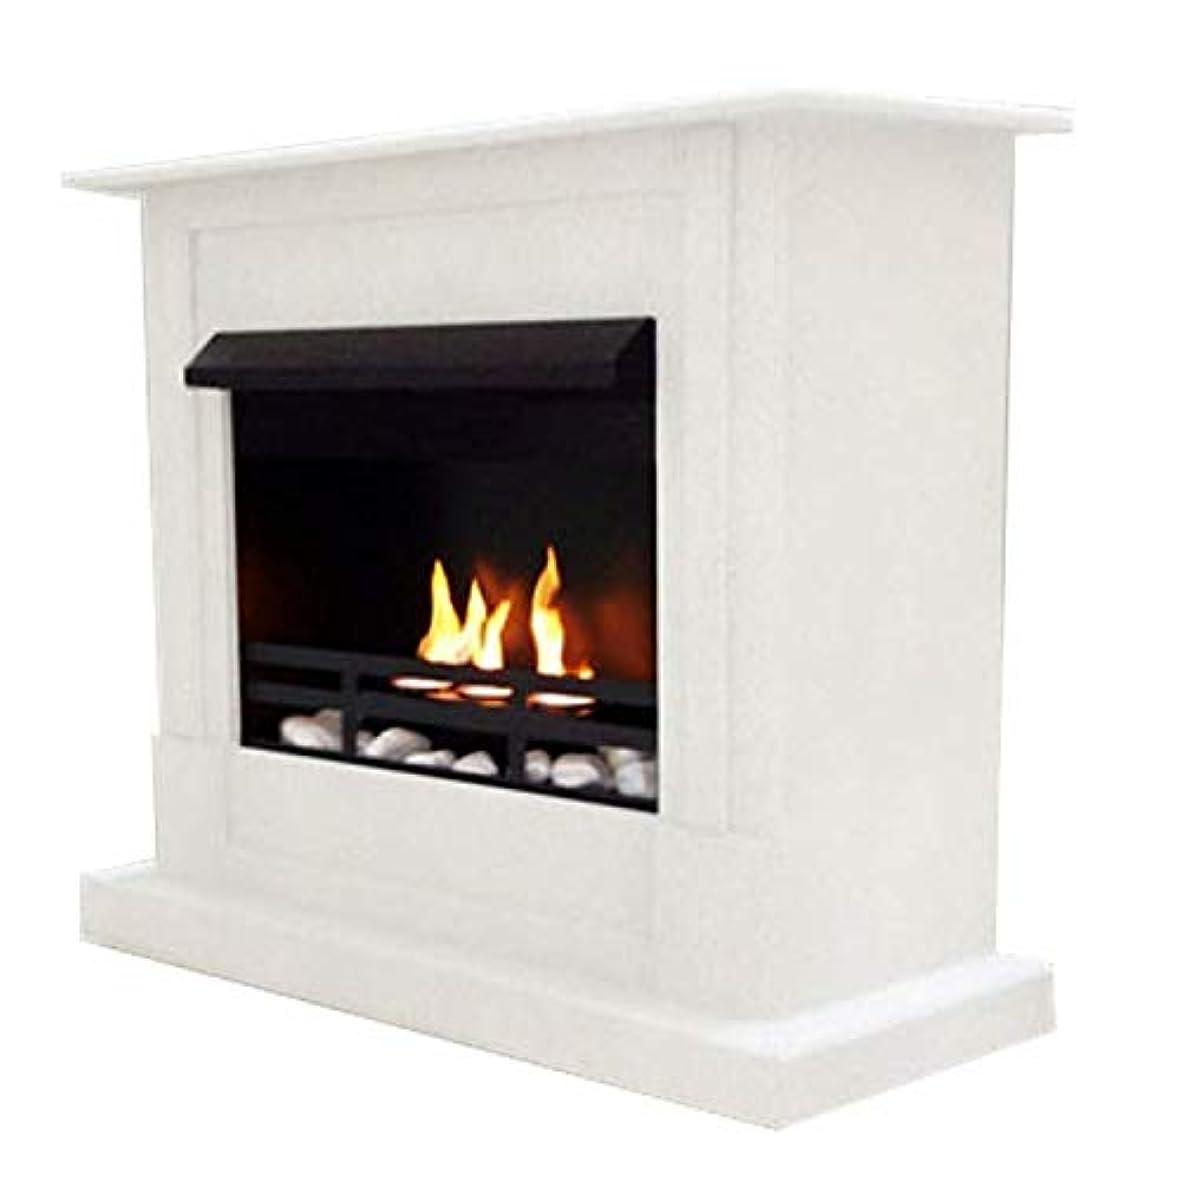 麦芽タンク偽物ジェル+ ethanol fire-places Emilyデラックスinclusive : 1調節可能なstainless-steel Burner ホワイト 10080